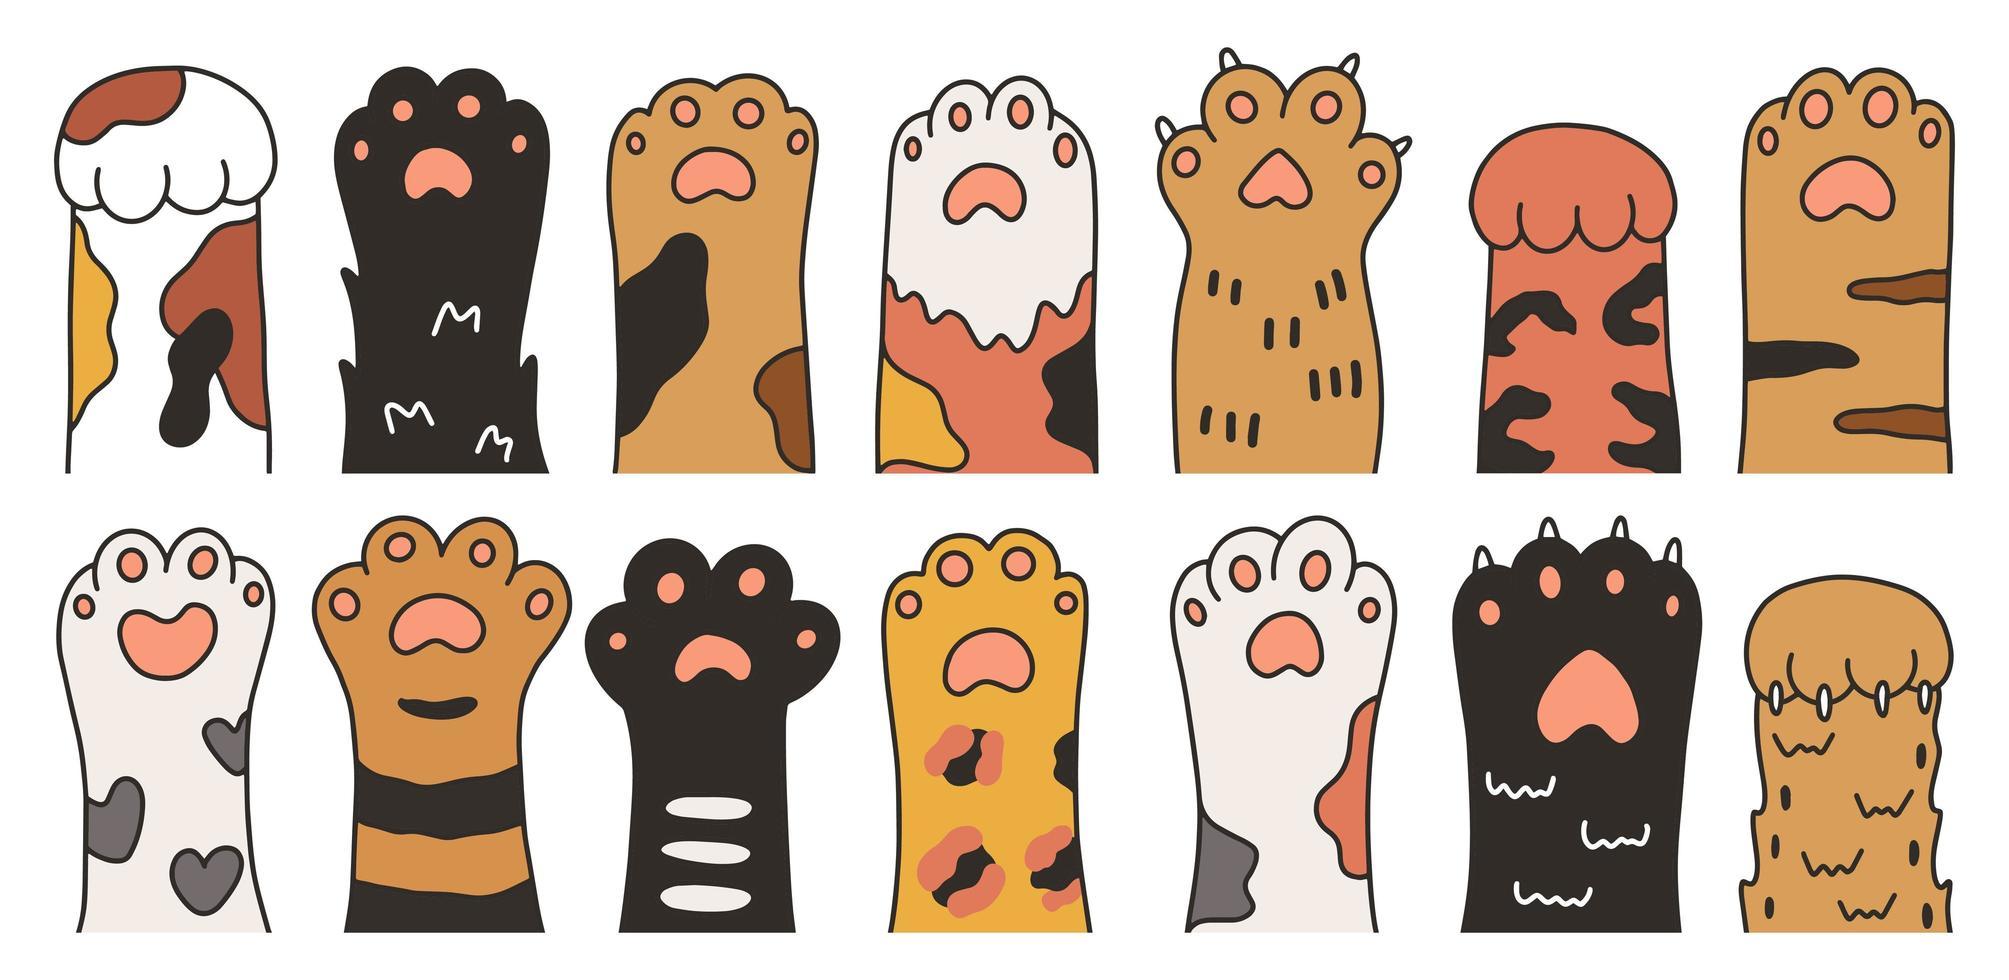 jeu de pattes de chat dessinés à la main vecteur